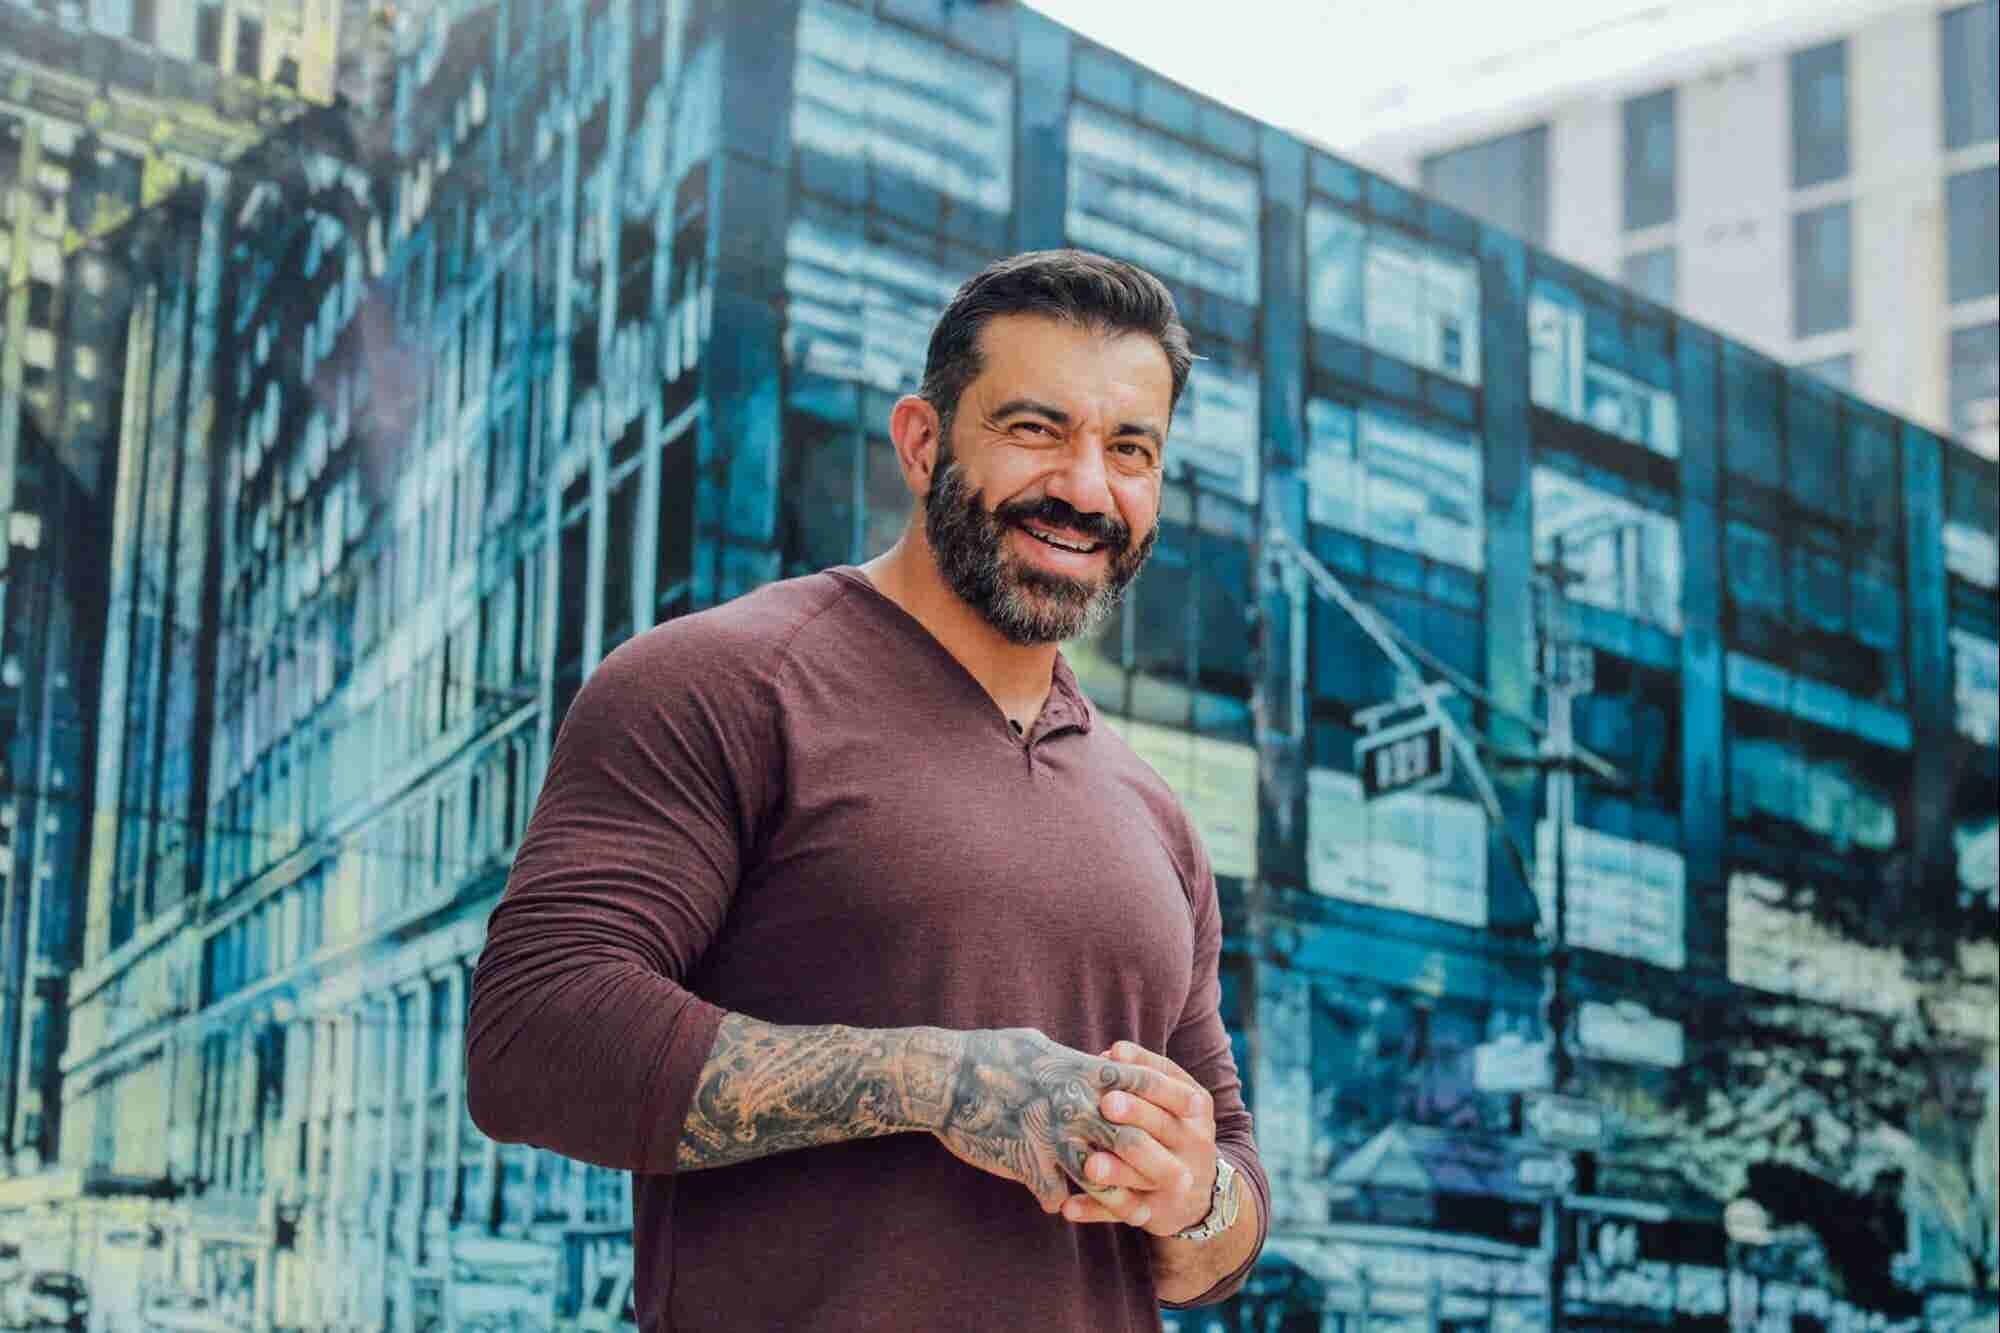 Así fue como este emprendedor superó sus ataques de ansiedad para crear una de las franquicias de mayor crecimiento del mundo